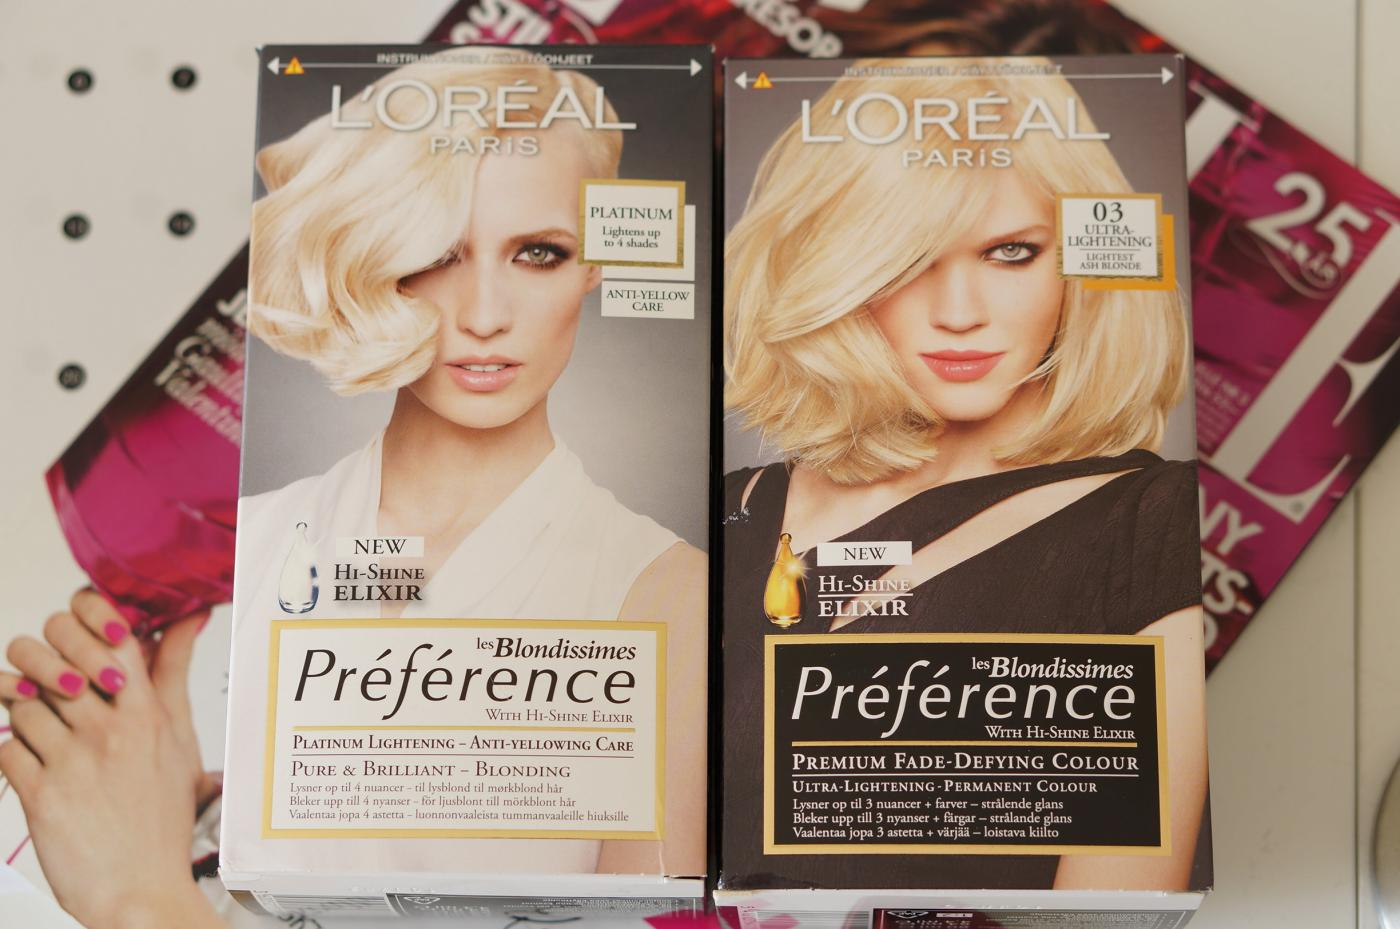 Väriä kutreille: L'oréal Préférence Les Blondissimes 03 Lightest Ash Blonde